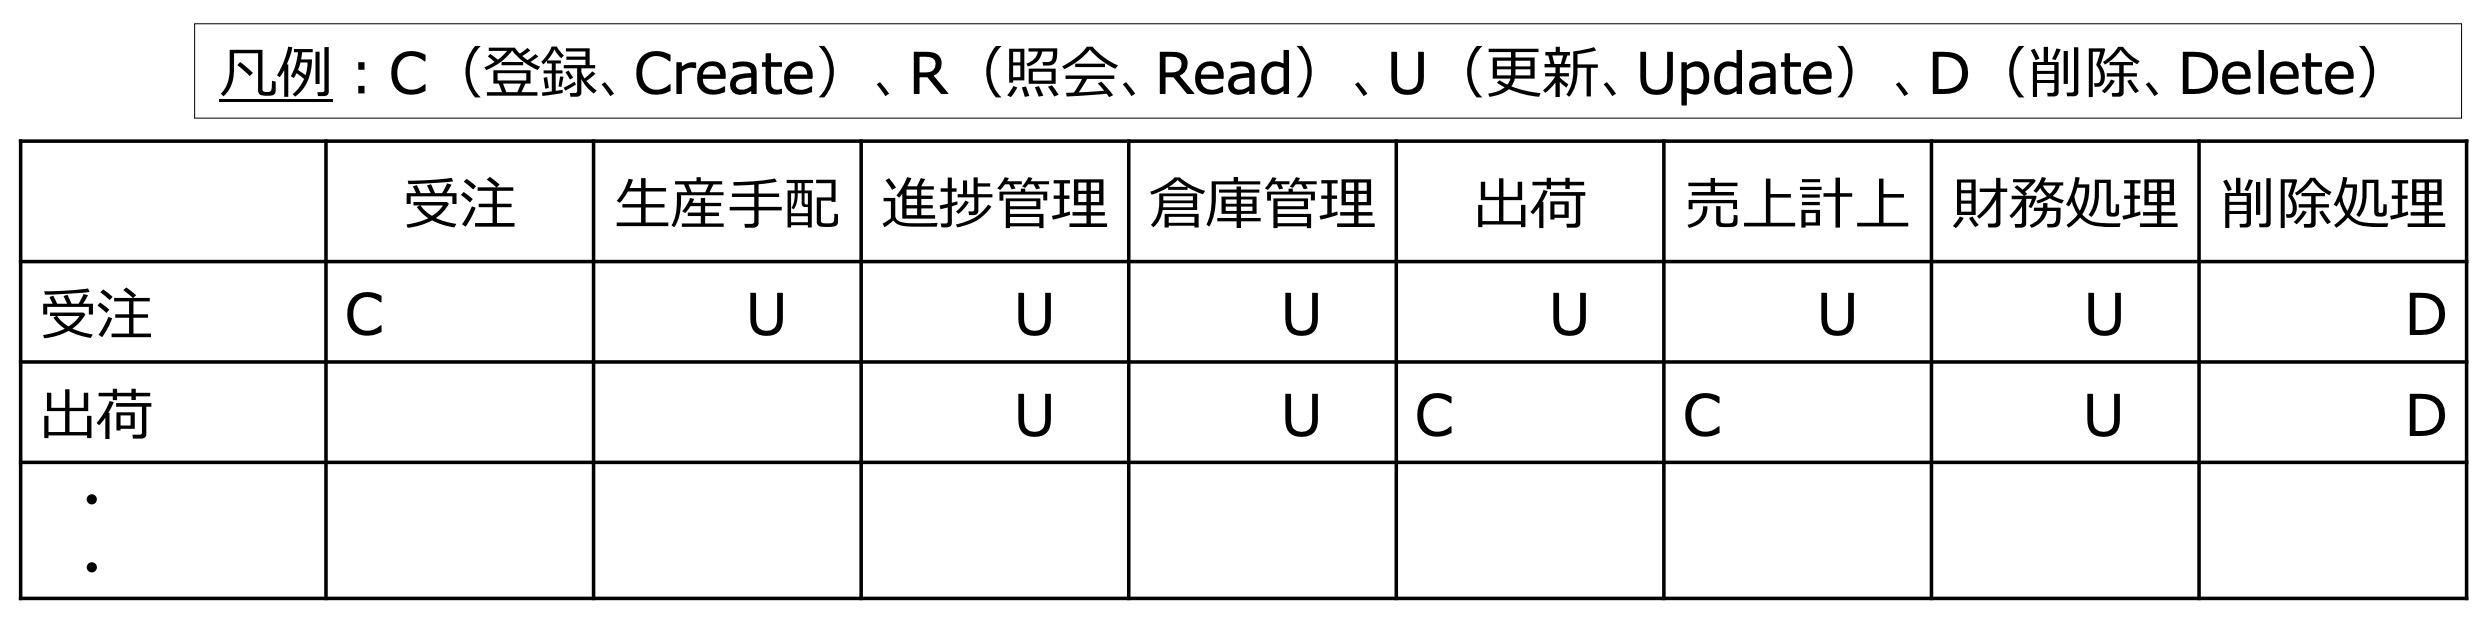 CRUD図_テーブル(サンプル)